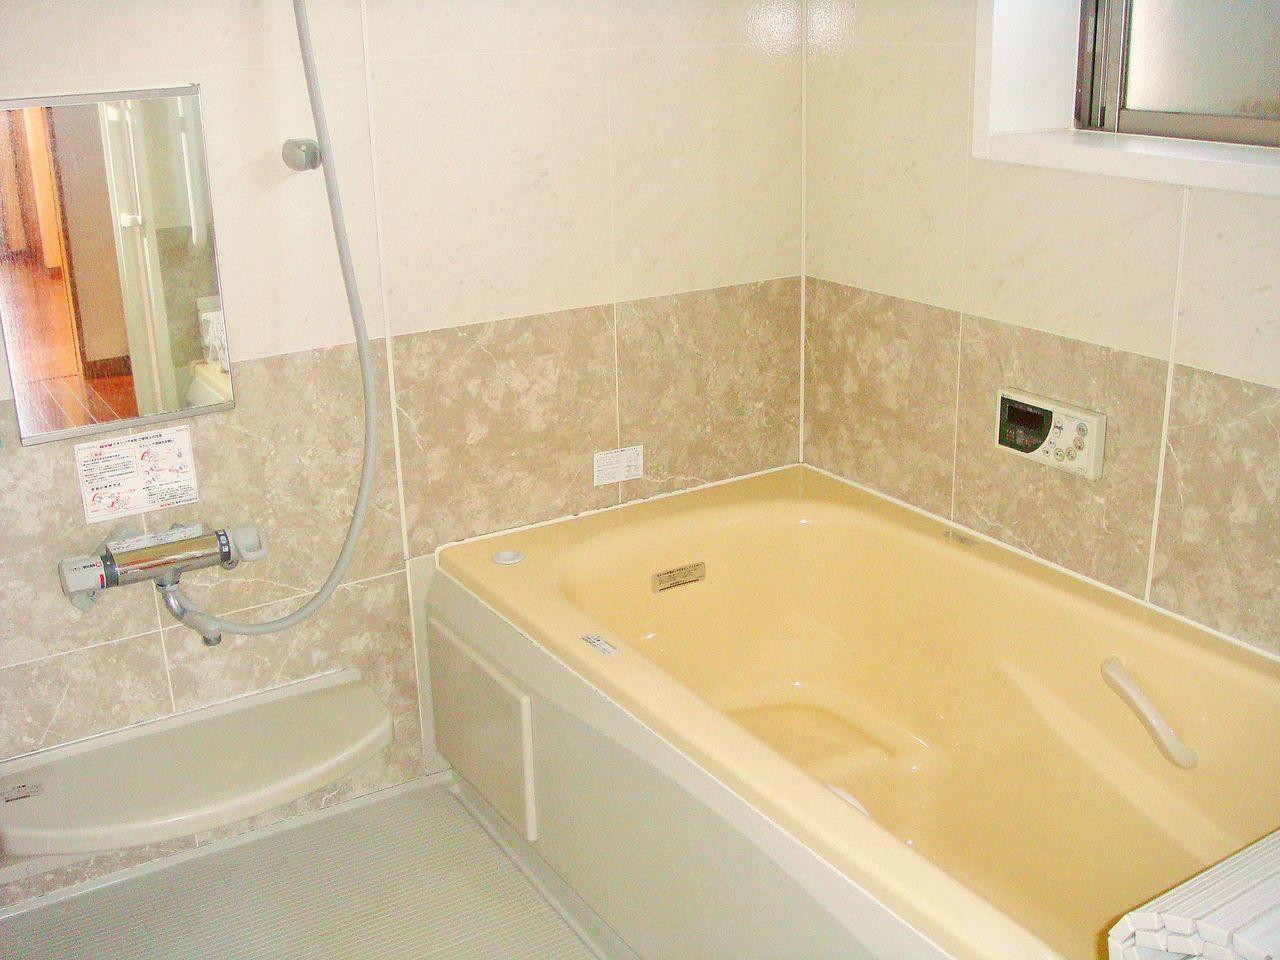 広々とした浴室はゆったりと足をのばして日頃の疲れを癒せます。